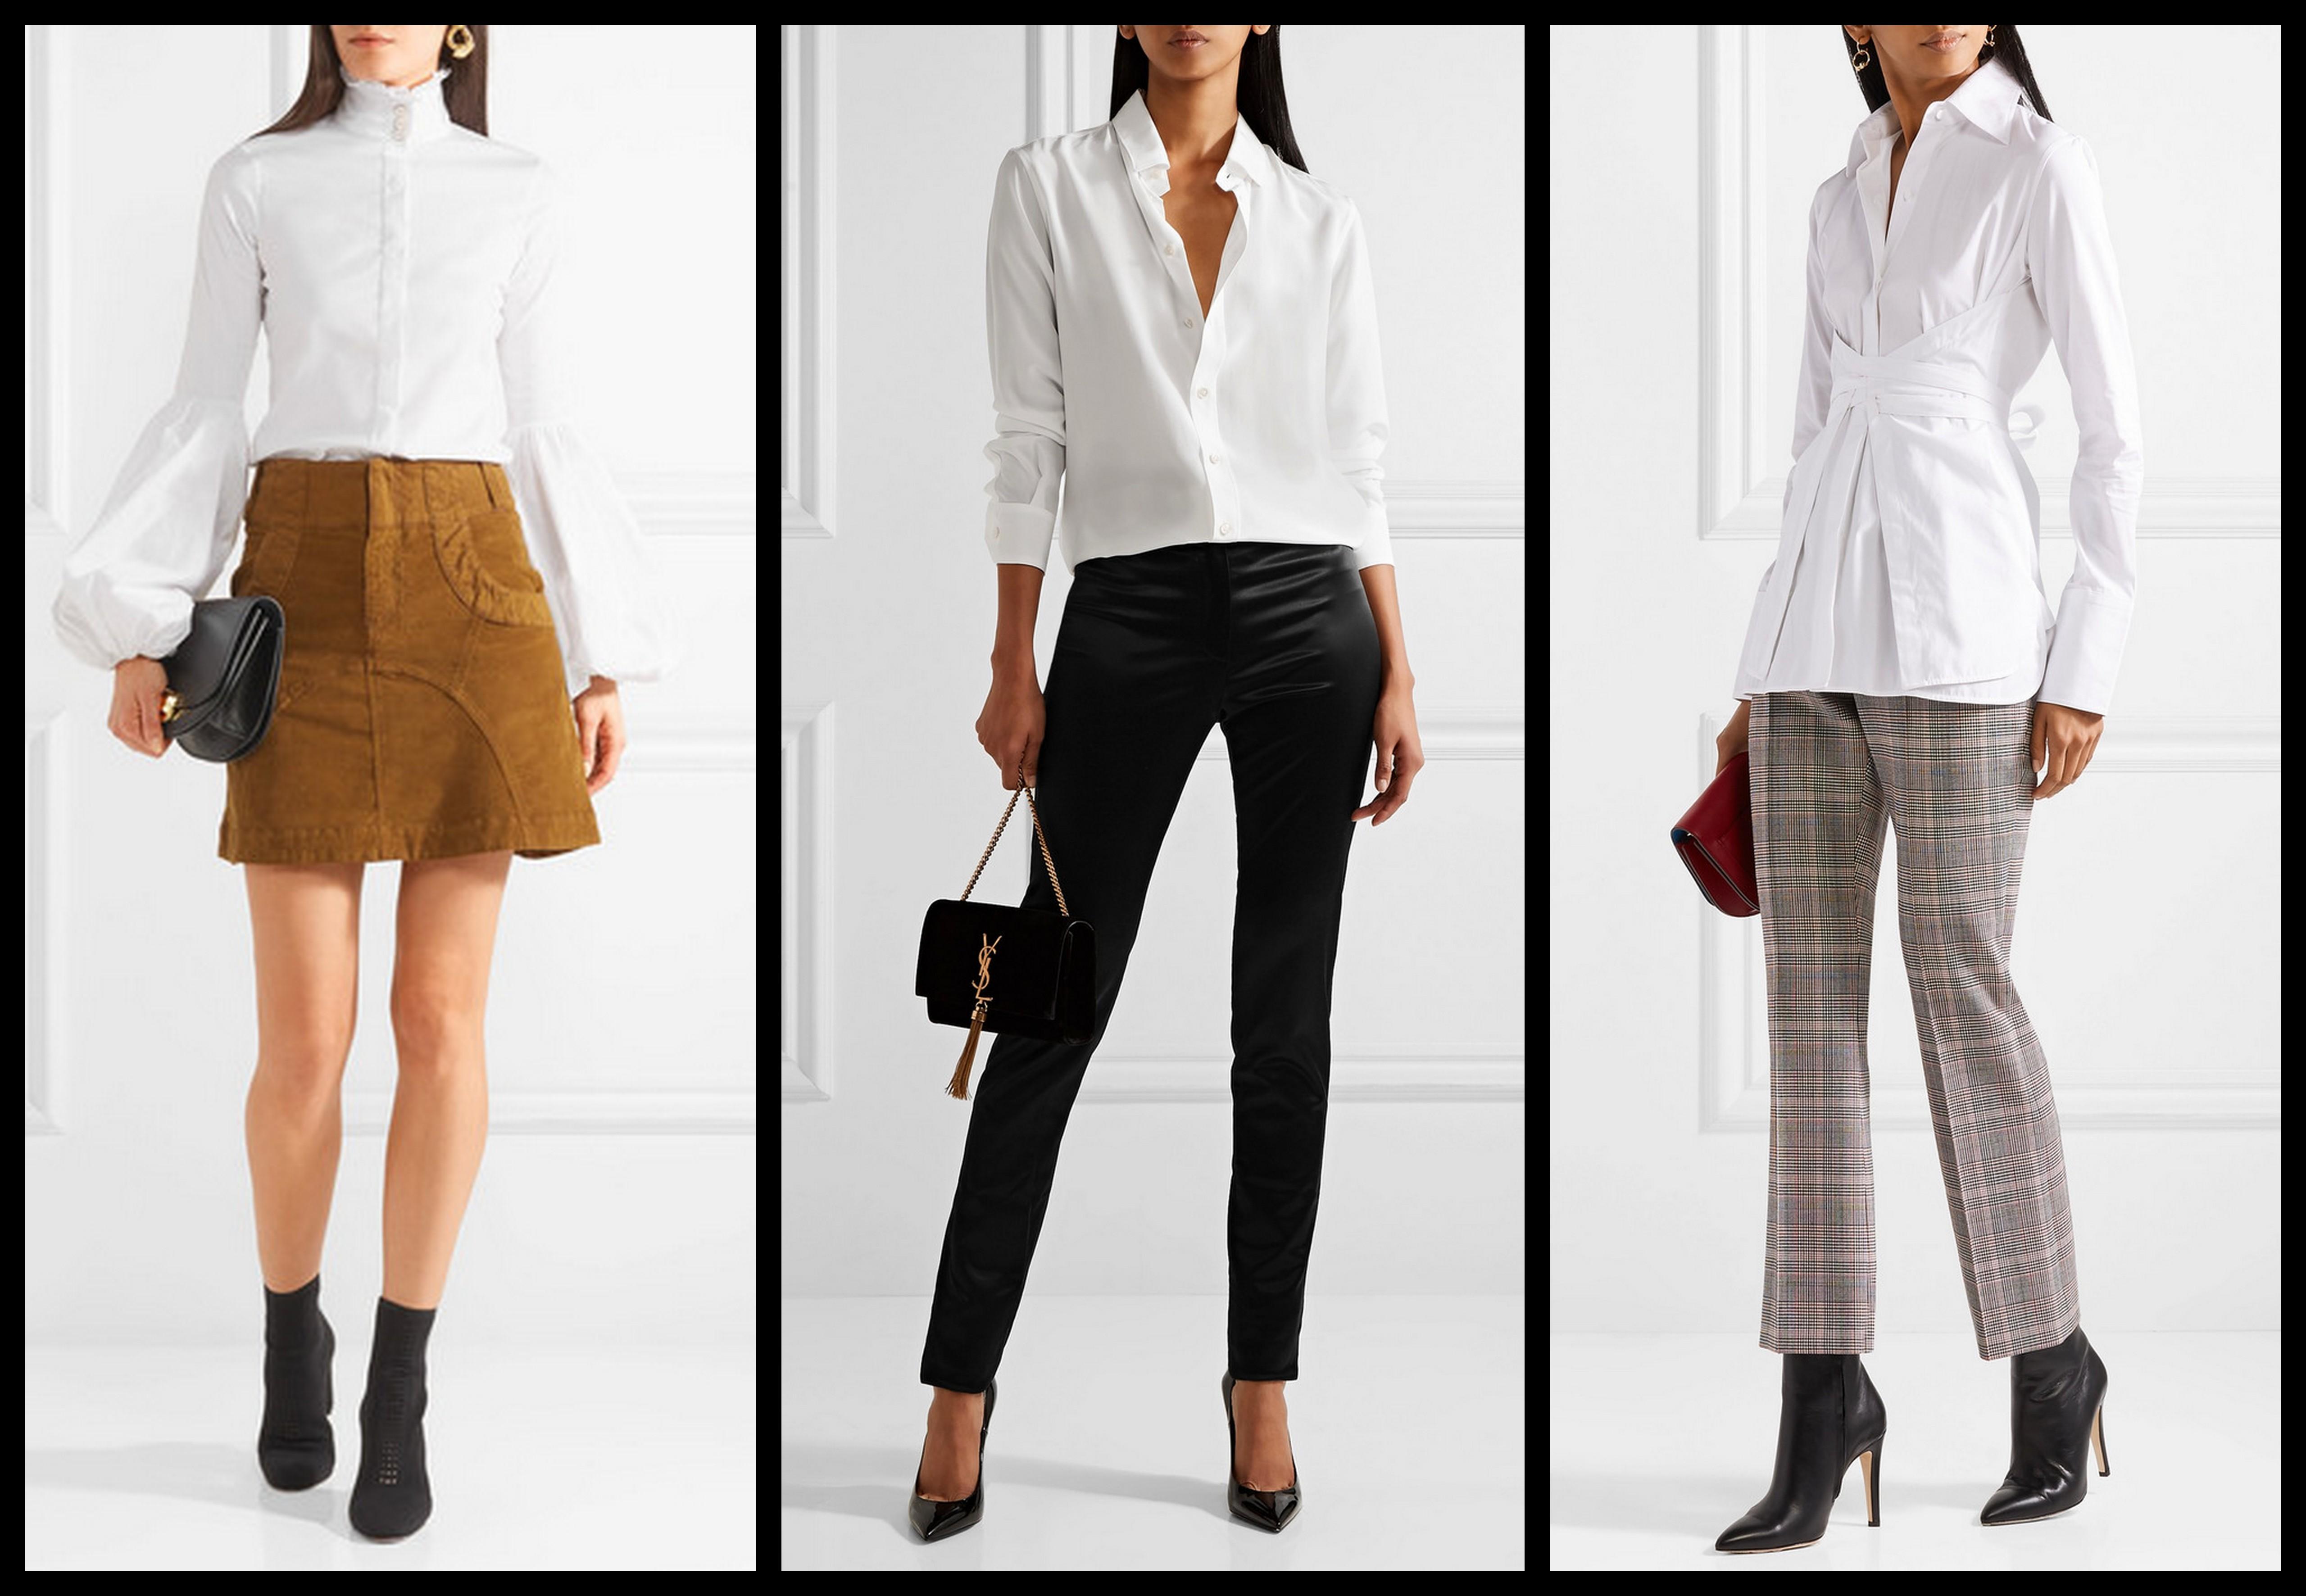 camicia-bianca-come-abbinarla-con-stile-foto-set